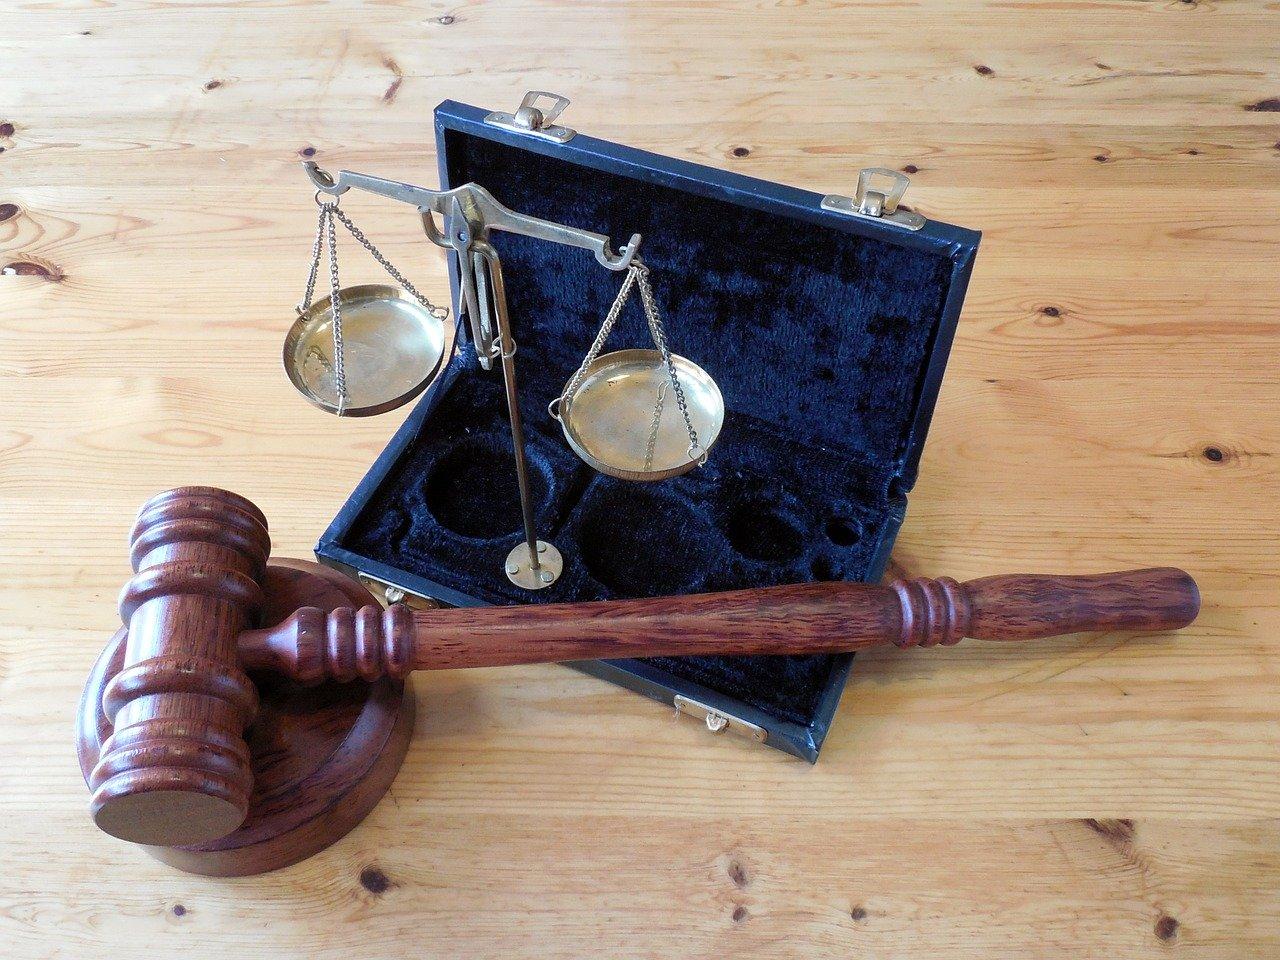 Севастопольский бизнесмен предстанет перед судом за попытку подкупить пограничника